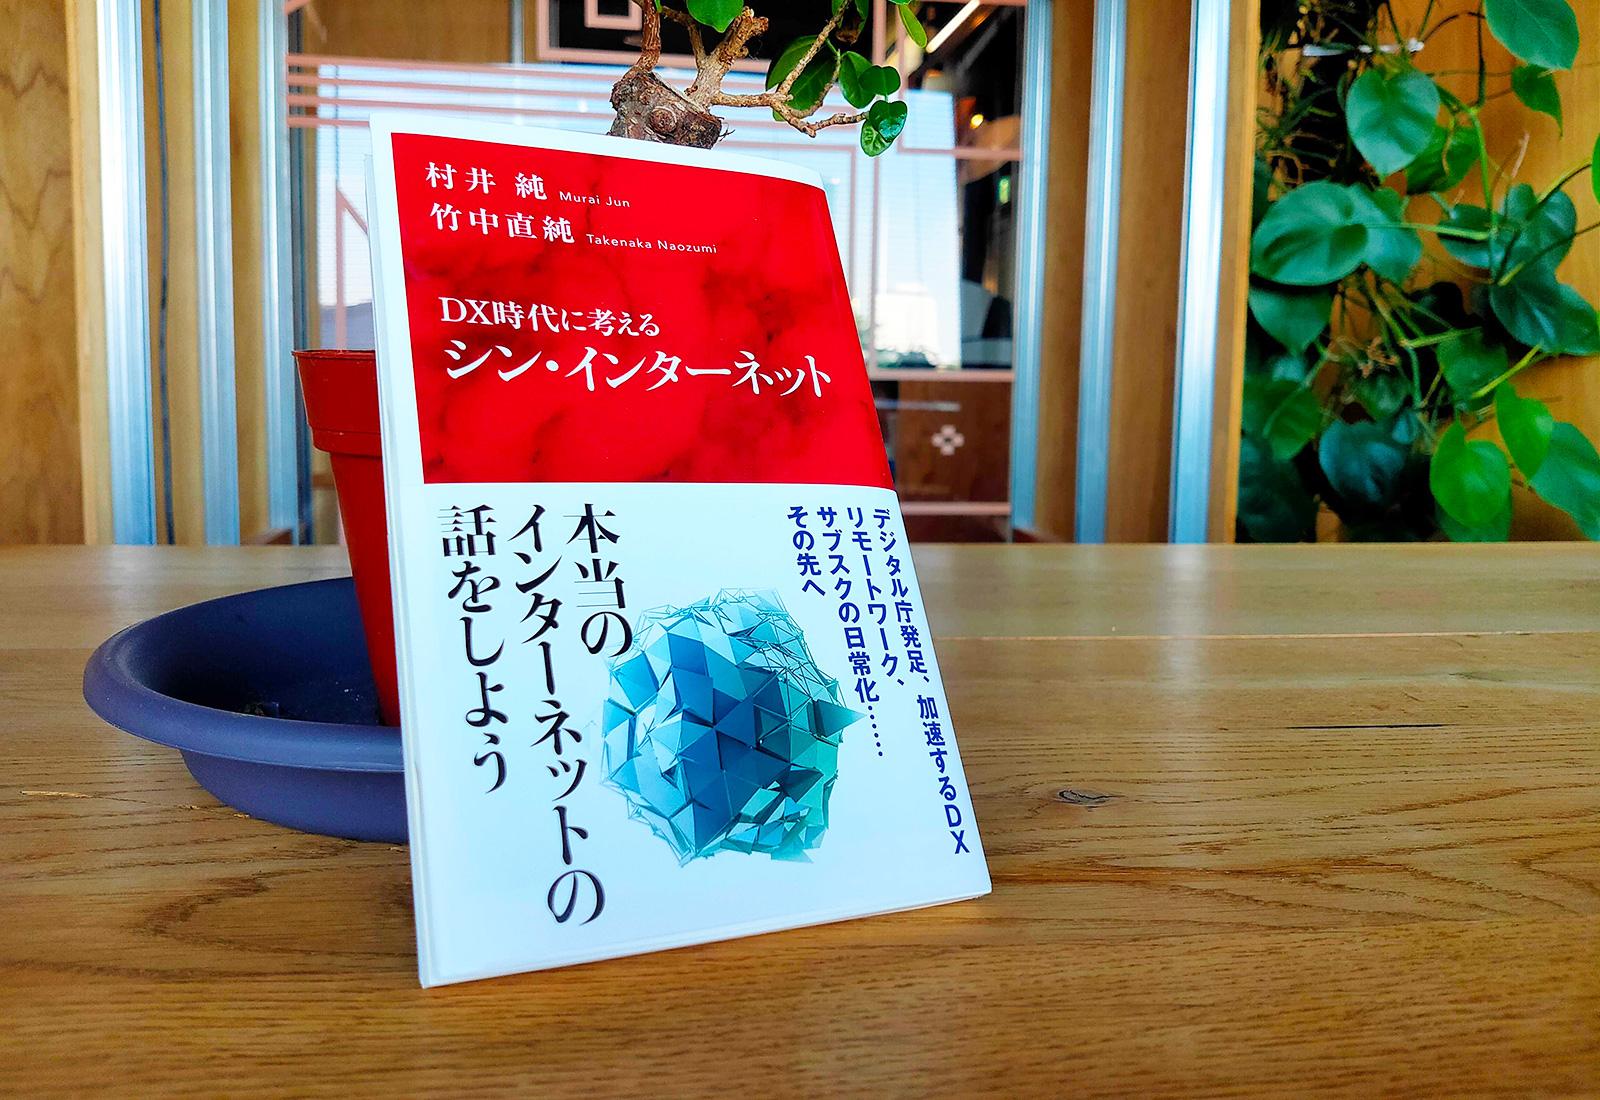 『DX時代に考える シン・インターネット』(インターナショナル新書)村井純(著)/竹中直純(著)